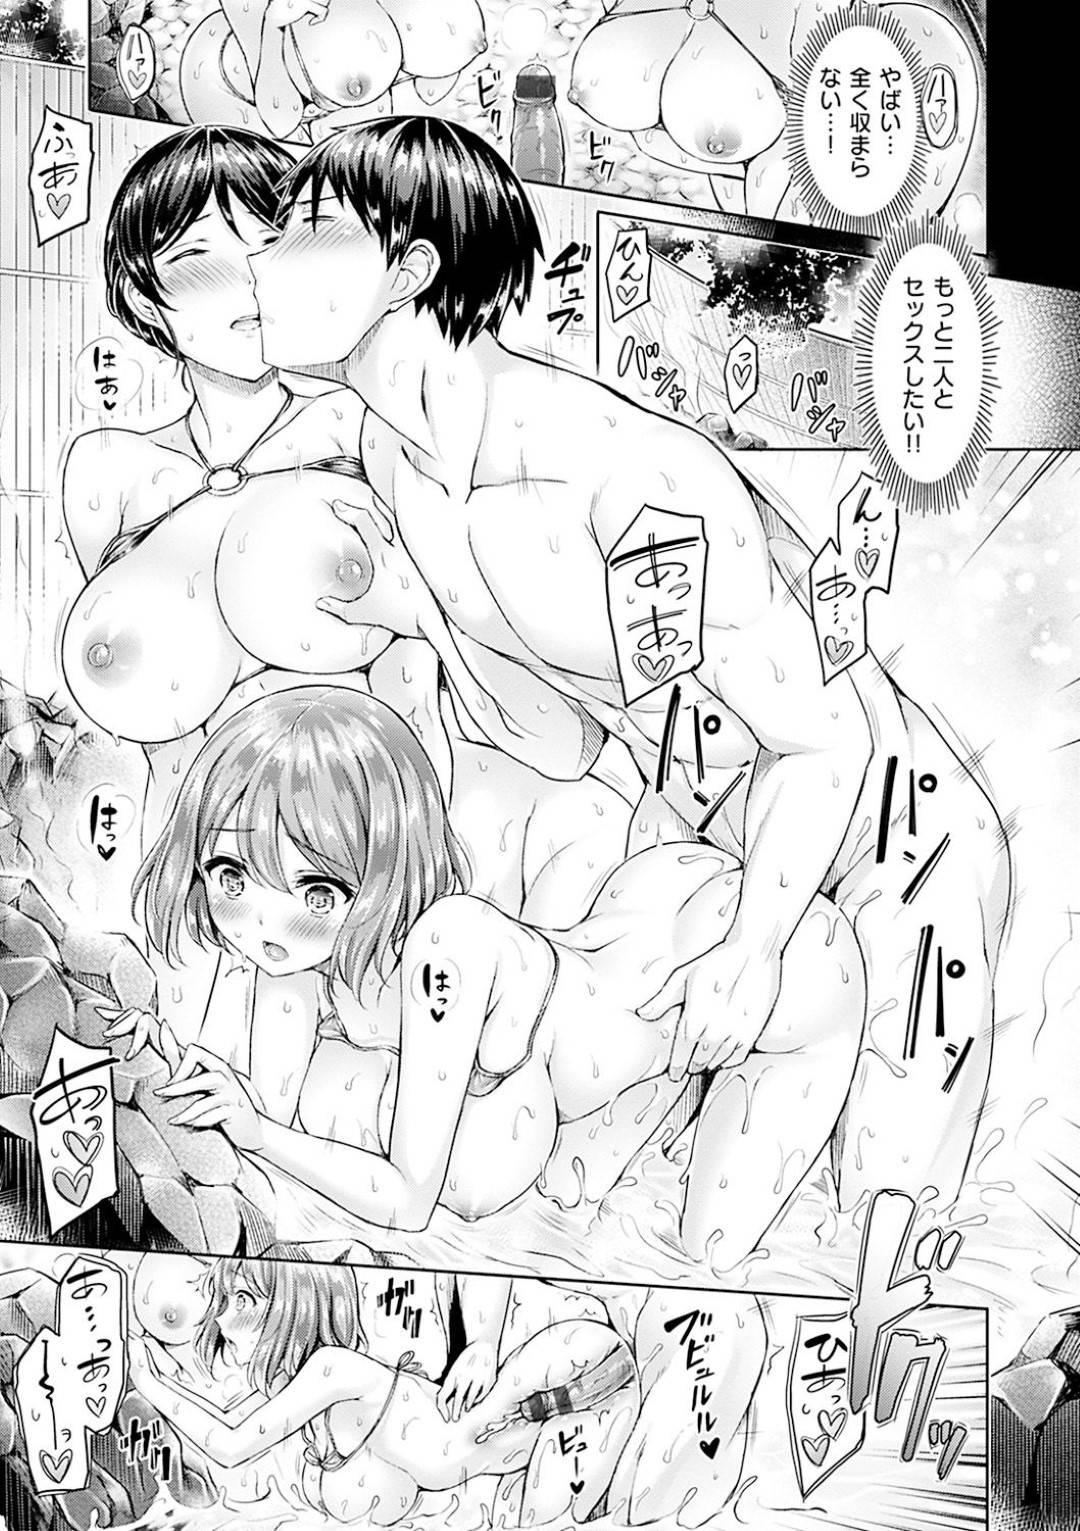 【エロ漫画】男友達と混浴の温泉で3Pセックスしてしまう2人の巨乳お姉さん…彼女たちは彼を取り囲んでは立ちバックや騎乗位などの体位で連続中出しさせる!